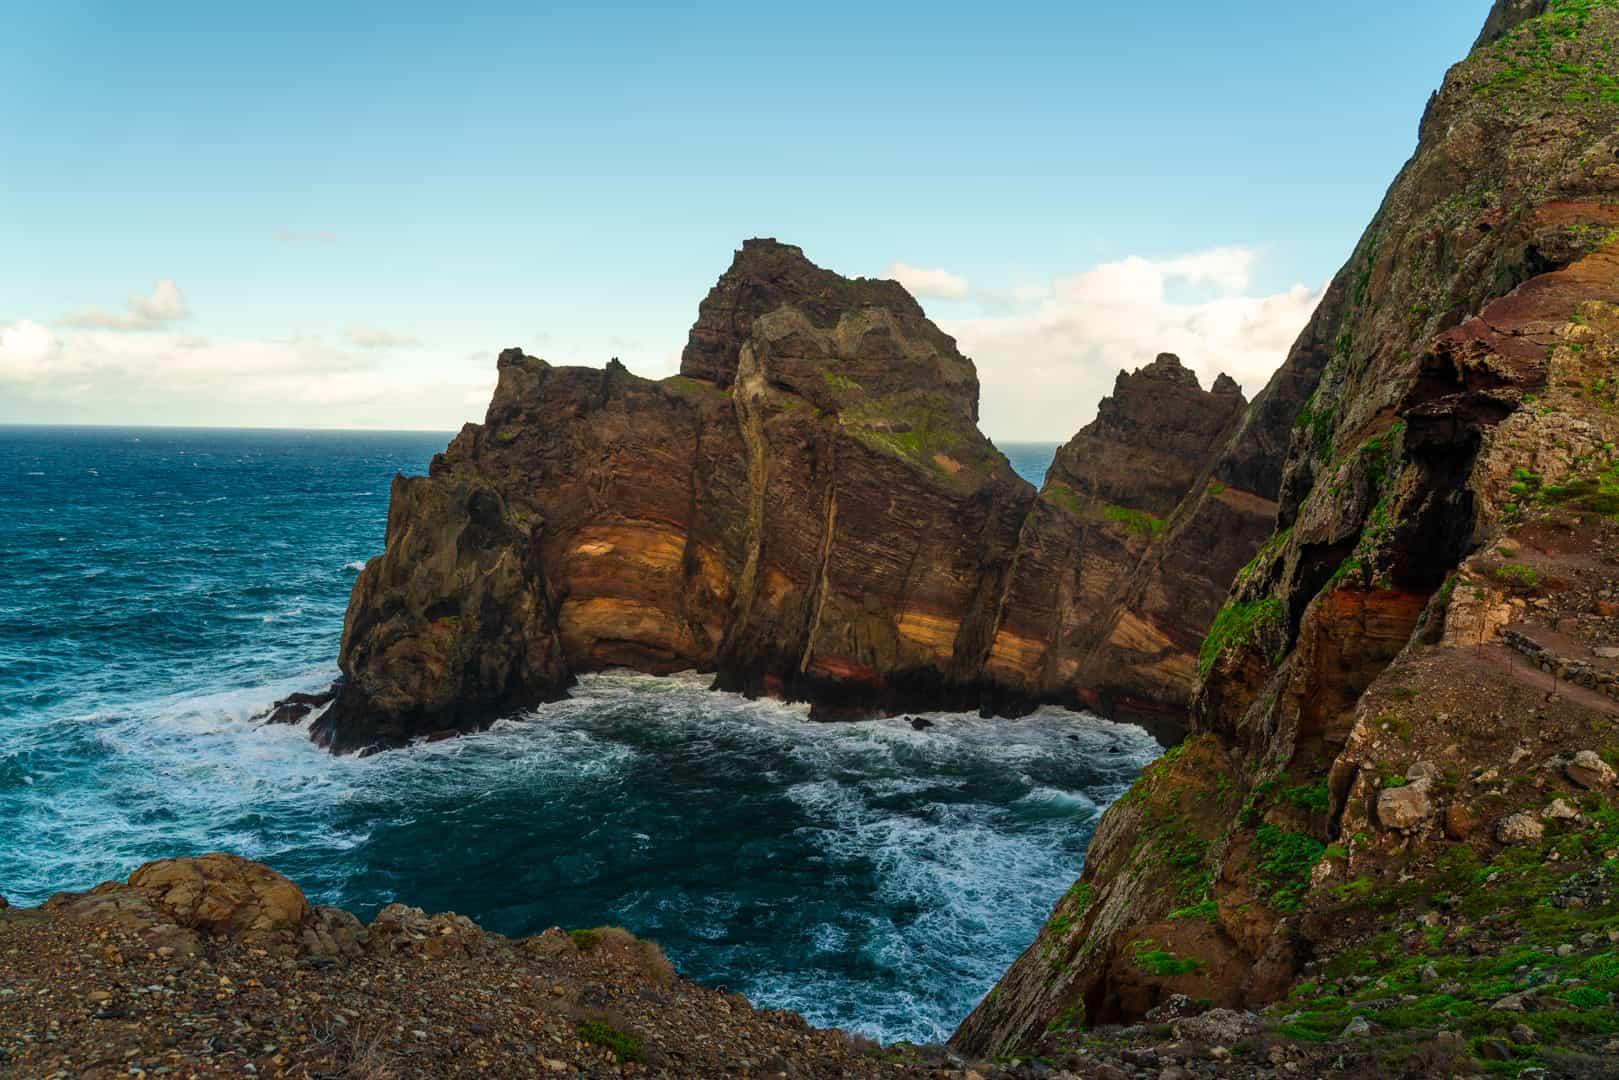 ponta-de-são-lourenço-trail-viewpoint-coastline